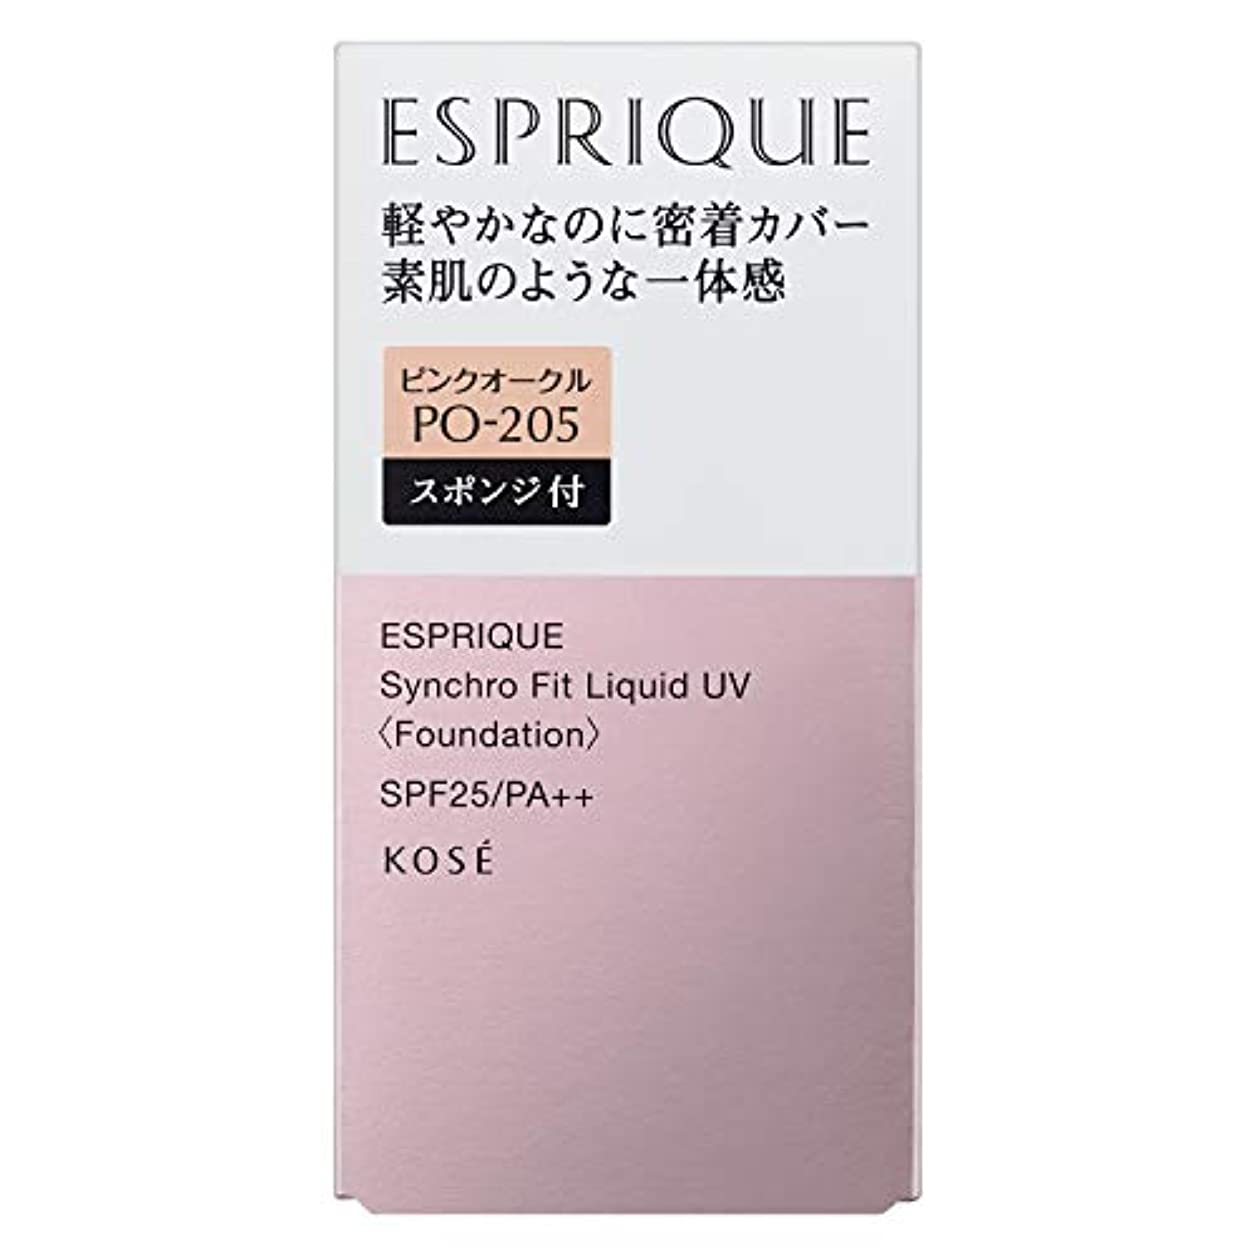 ダイジェスト仮定首尾一貫したESPRIQUE(エスプリーク) エスプリーク シンクロフィット リキッド UV ファンデーション 無香料 PO-205 ピンクオークル 30g